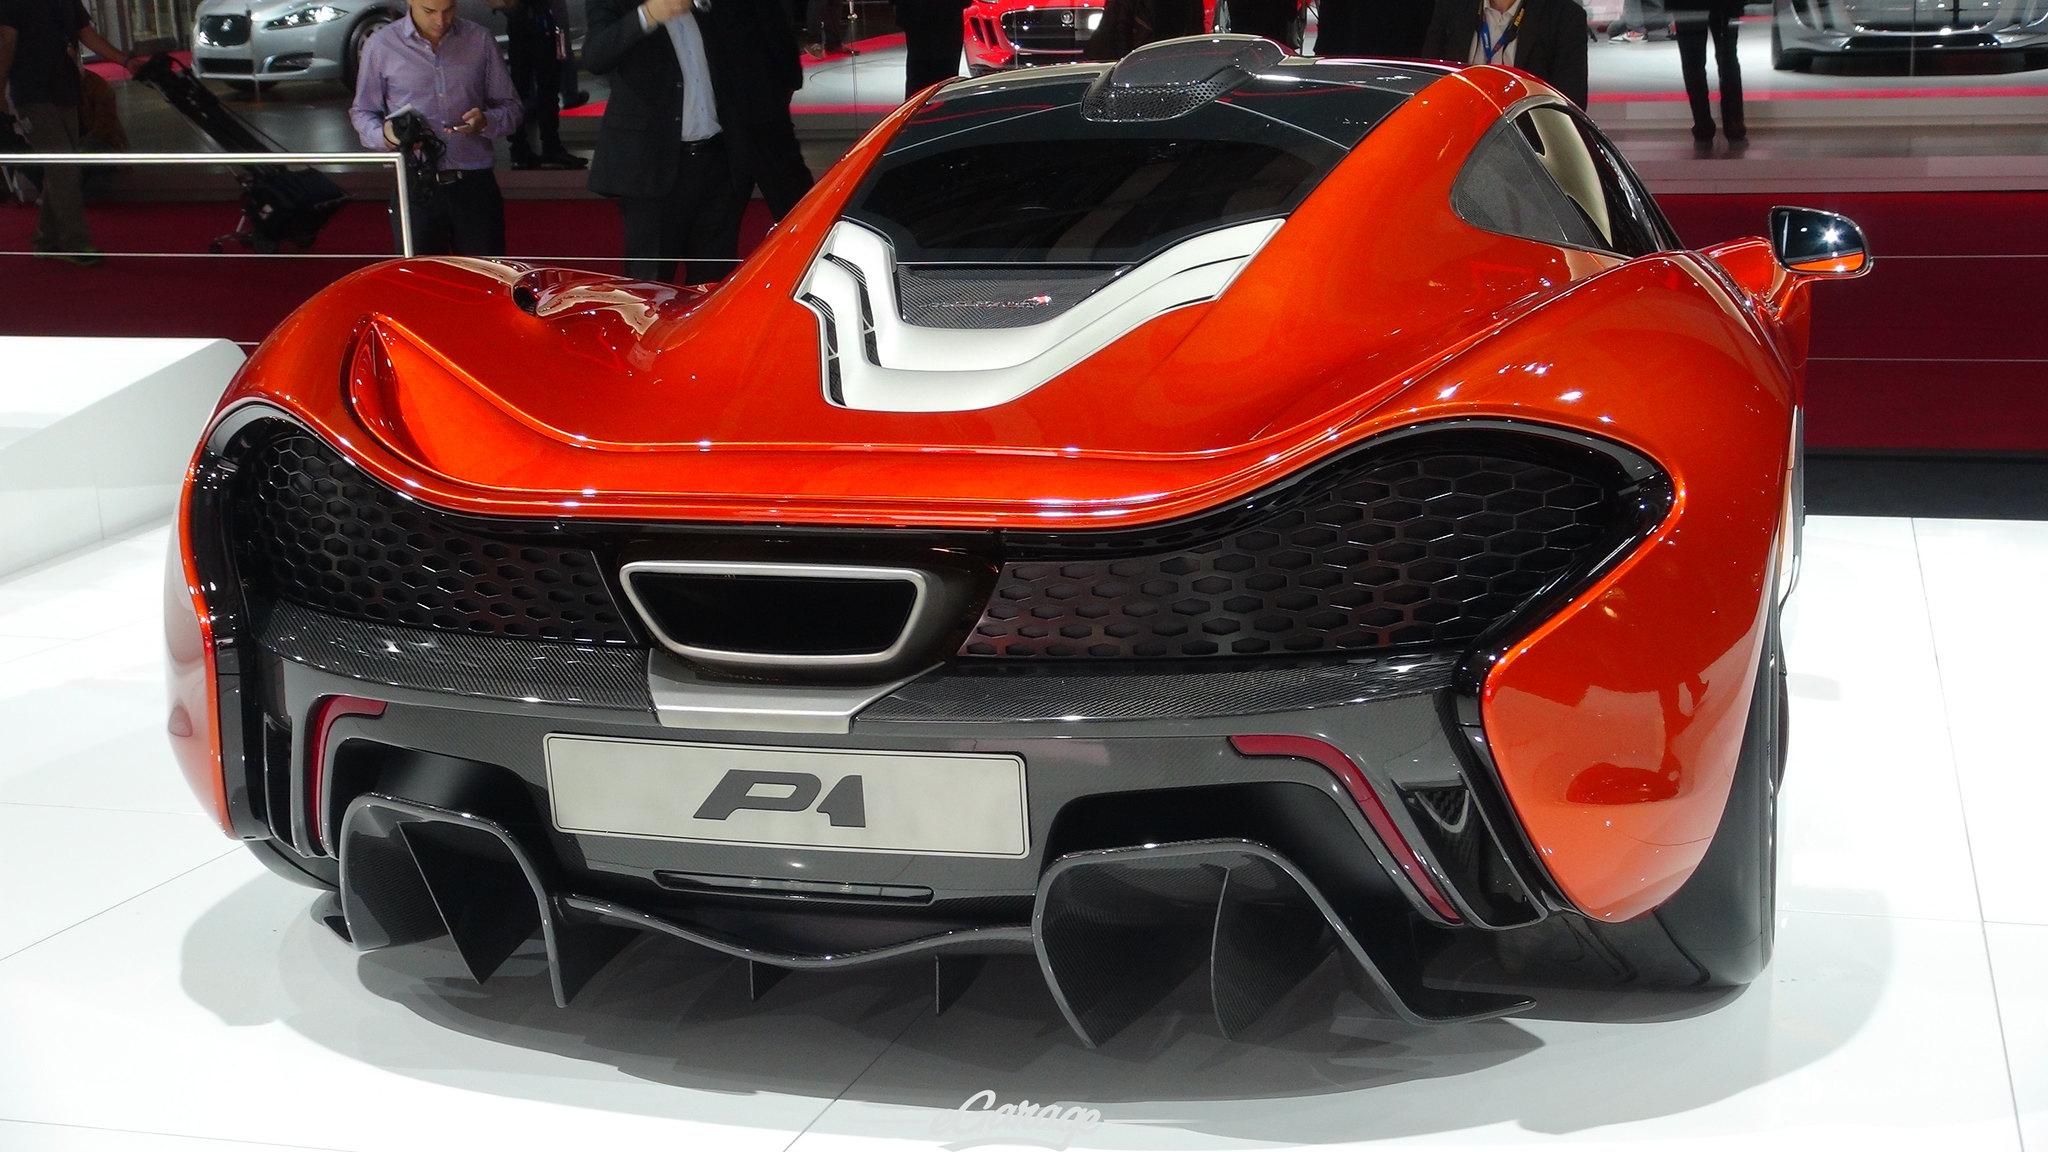 8034741988 0f61a68ab7 k 2012 Paris Motor Show